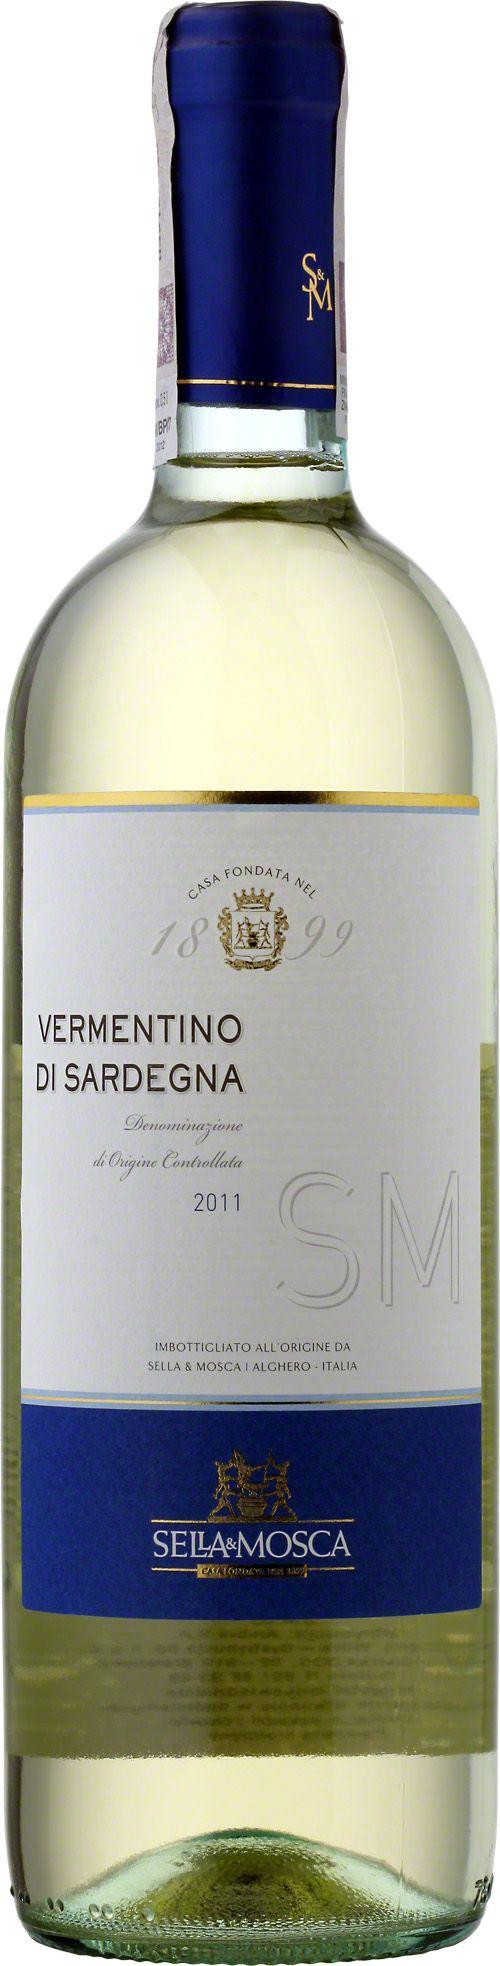 Sella & Mosca Vermentino Di Sardegna D.O.C. Wino o słomkowo-żółtym kolorze z zielonymi refleksami. Przyjemne w zapachu z wyrazistym, owocowym smakiem. Rześki i uniwersalny trunek. #SellaMosca #VermentinoDiSardegna #Vermentino #Włochy #Sarydnia #Wino #Winezja